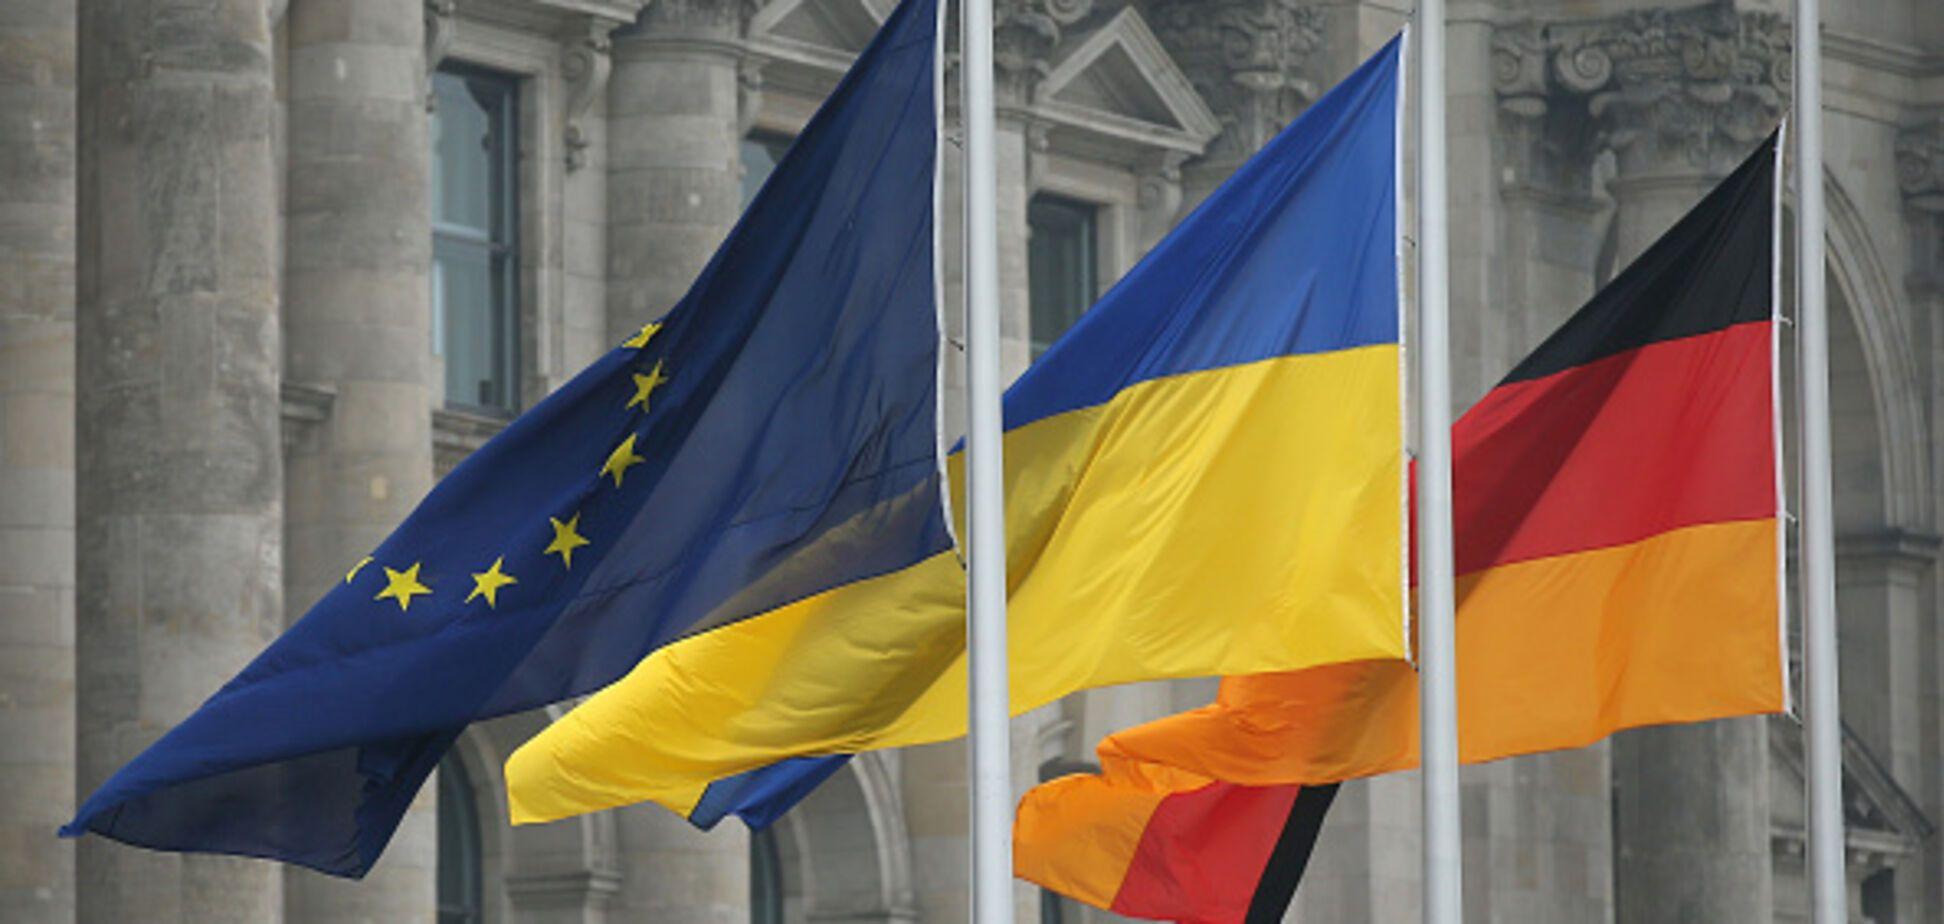 Германия прописала 'жесткие требования' к Украине в коалиционном договоре